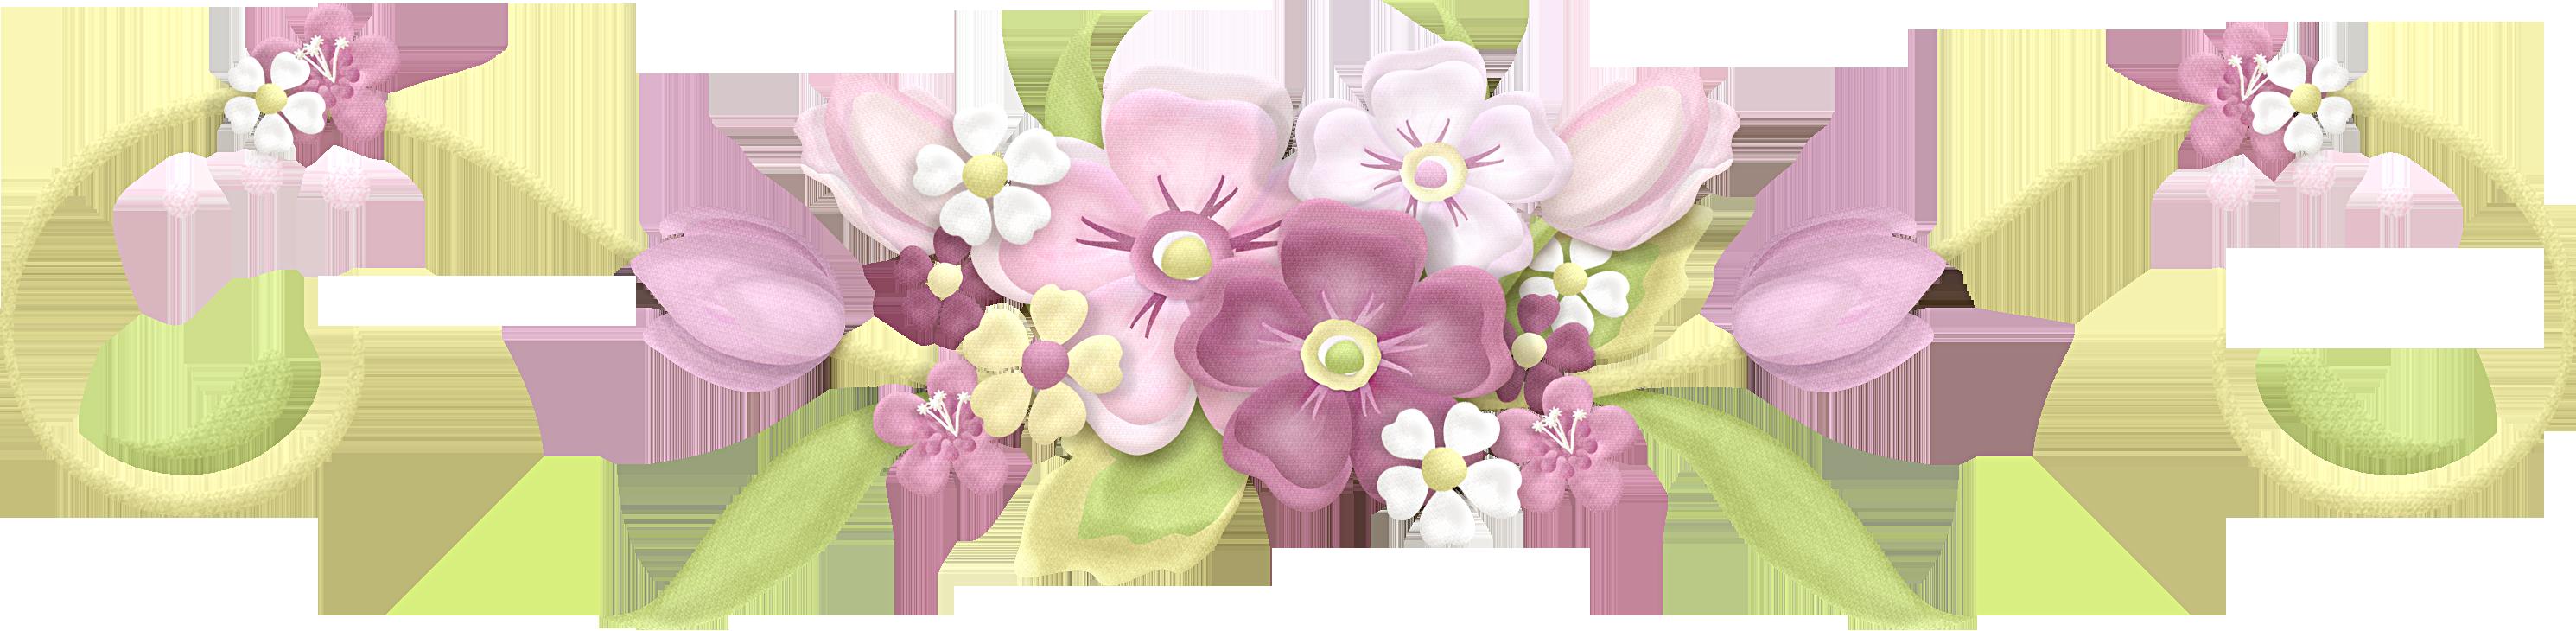 Flower divider clipart vector freeuse barras separadoras flores verdes - Buscar con Google | IMAGENES GIF ... vector freeuse